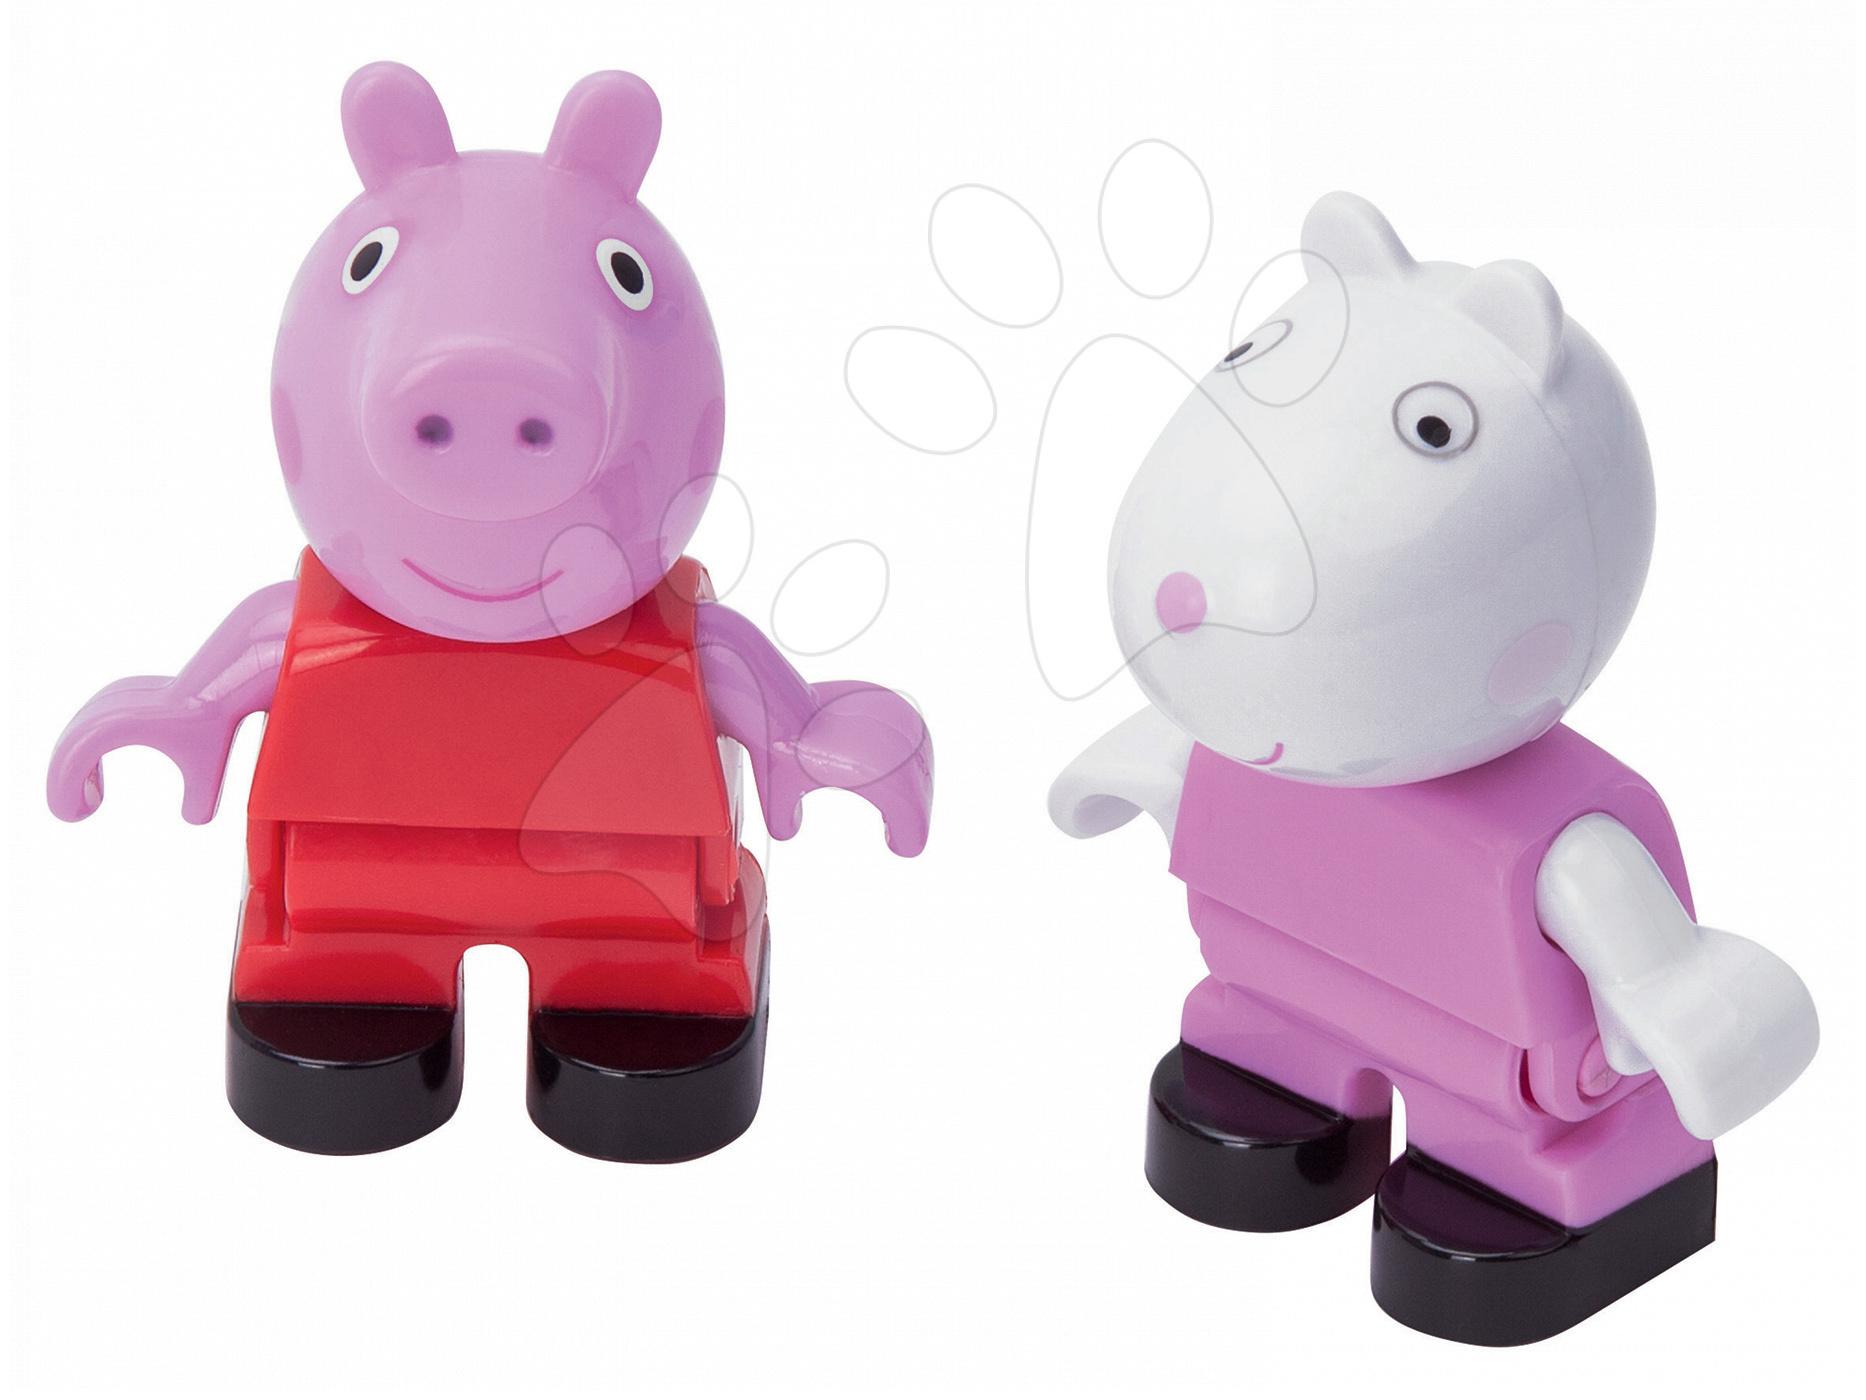 Figúrky Peppa Pig a zajačik Suzy PlayBIG Bloxx BIG 2 figúrky od 1,5-5 rokov